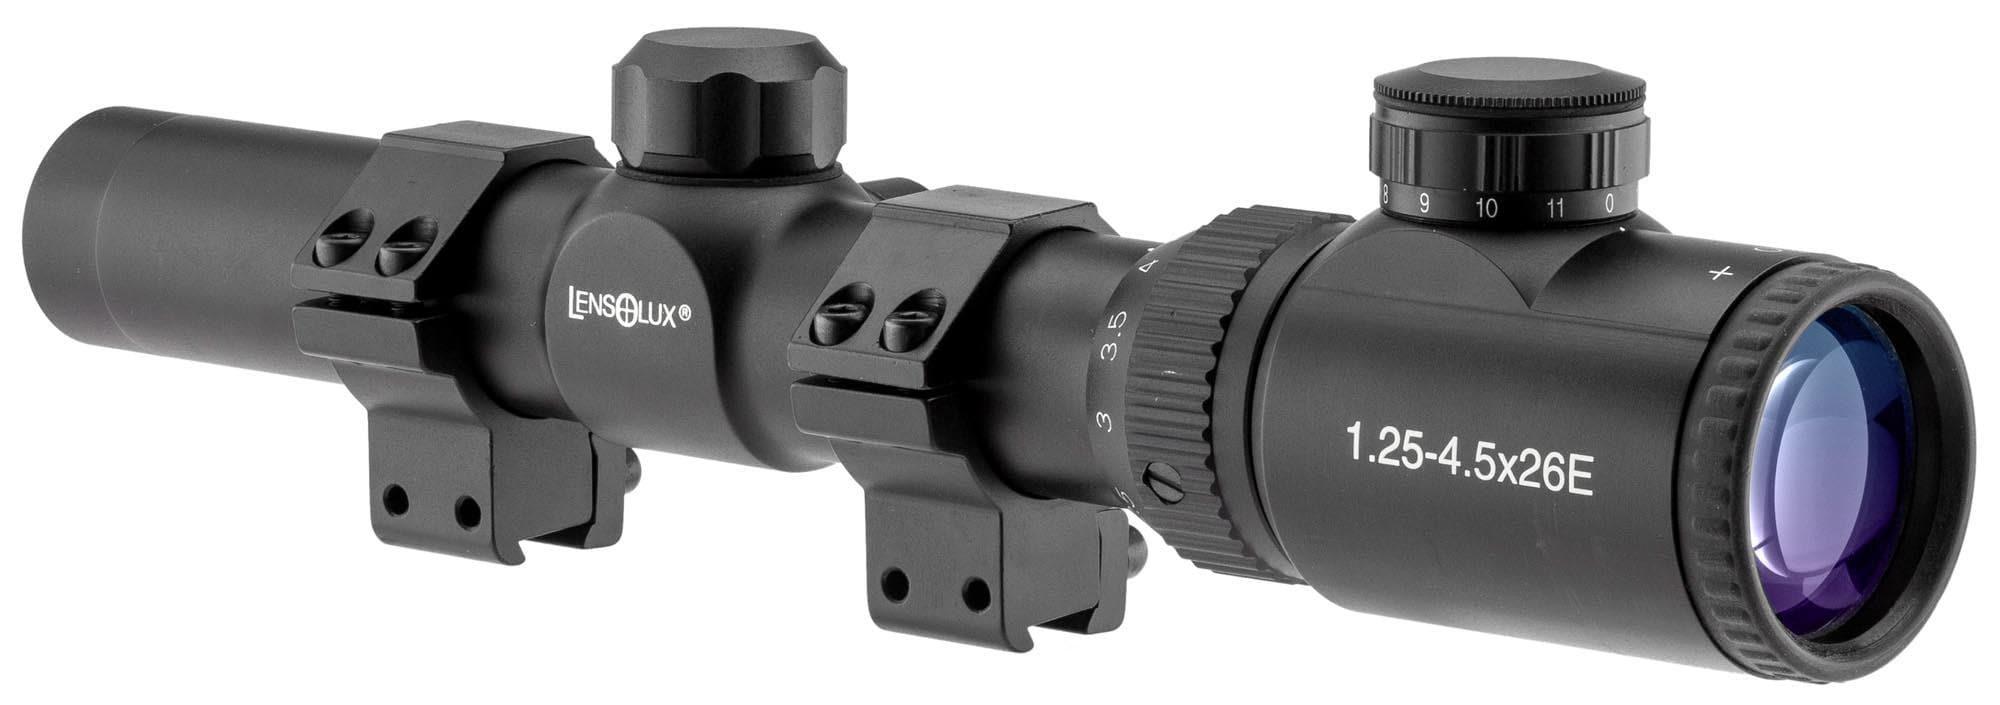 Lensolux - Lunette 1.25-4.5 X 26 Rétroéclairée (vendue avec anneaux de montage 11mm)